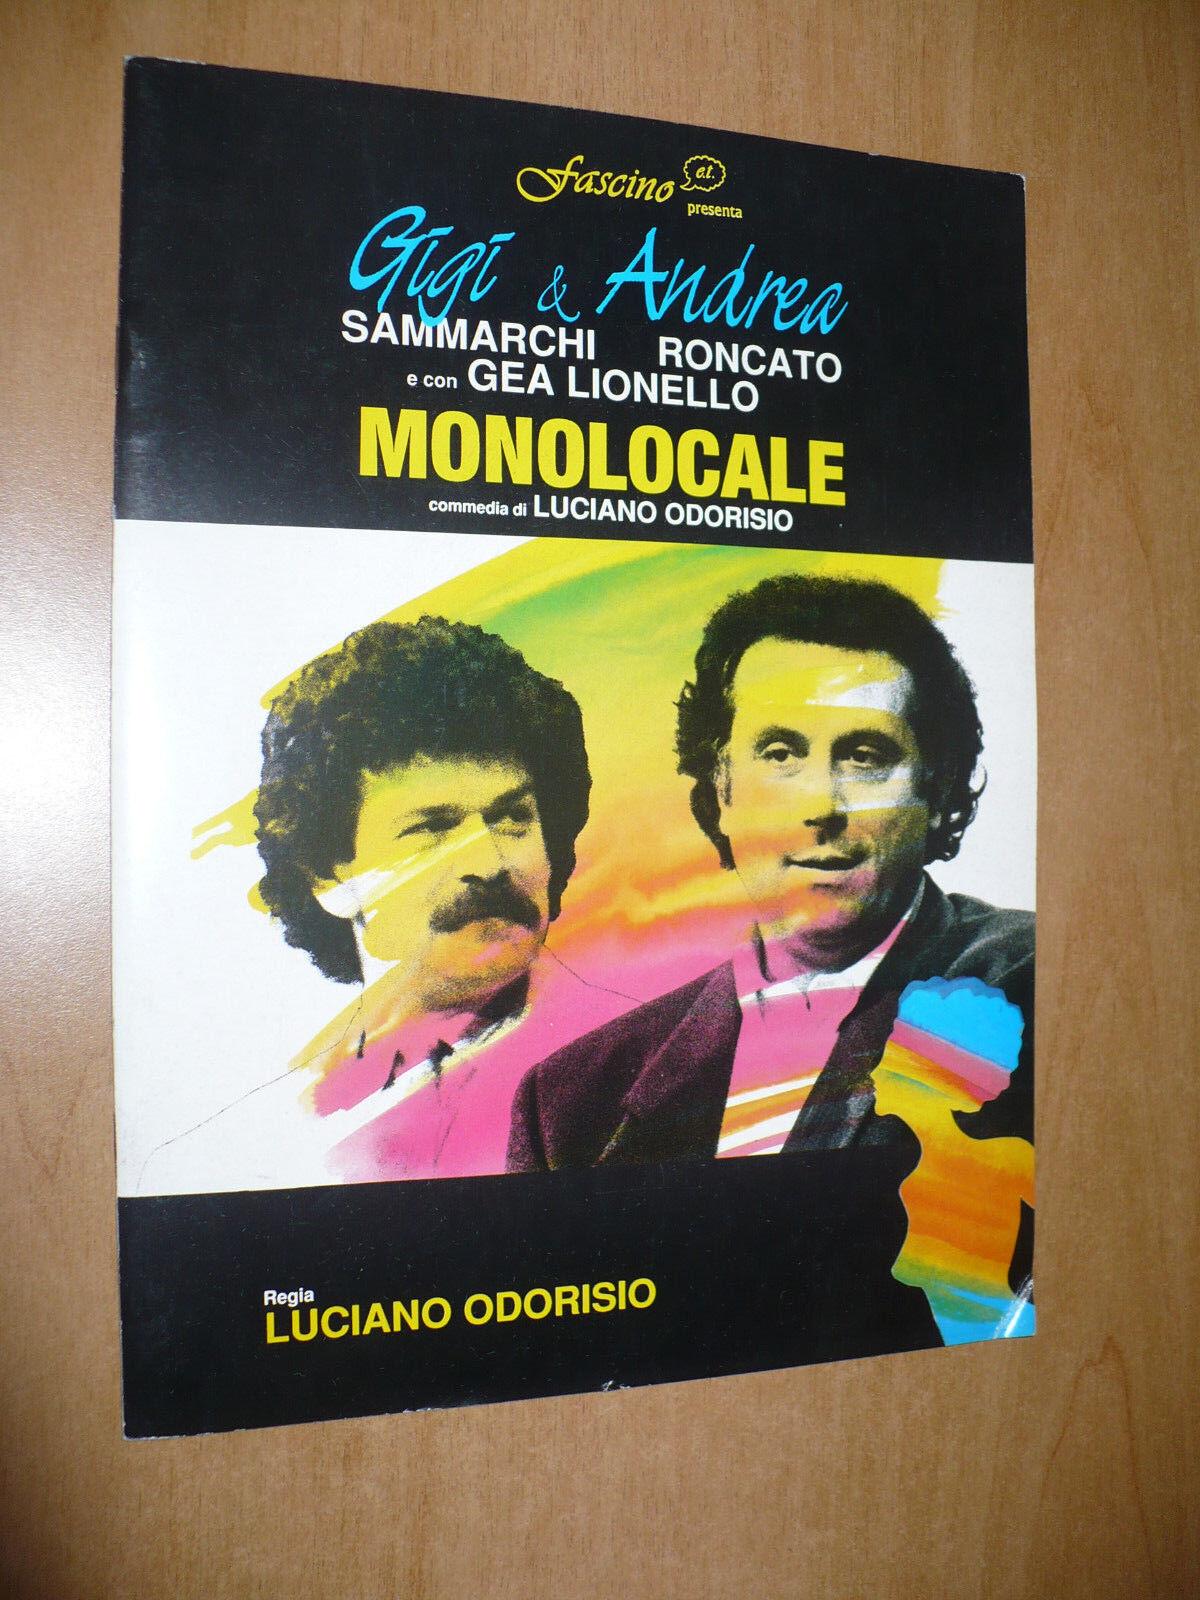 TEATRO BROCHURE MONOLOCALE GIGI SAMMARCHI ANDREA RONCATO GEA LIONELLO L.ODORISIO